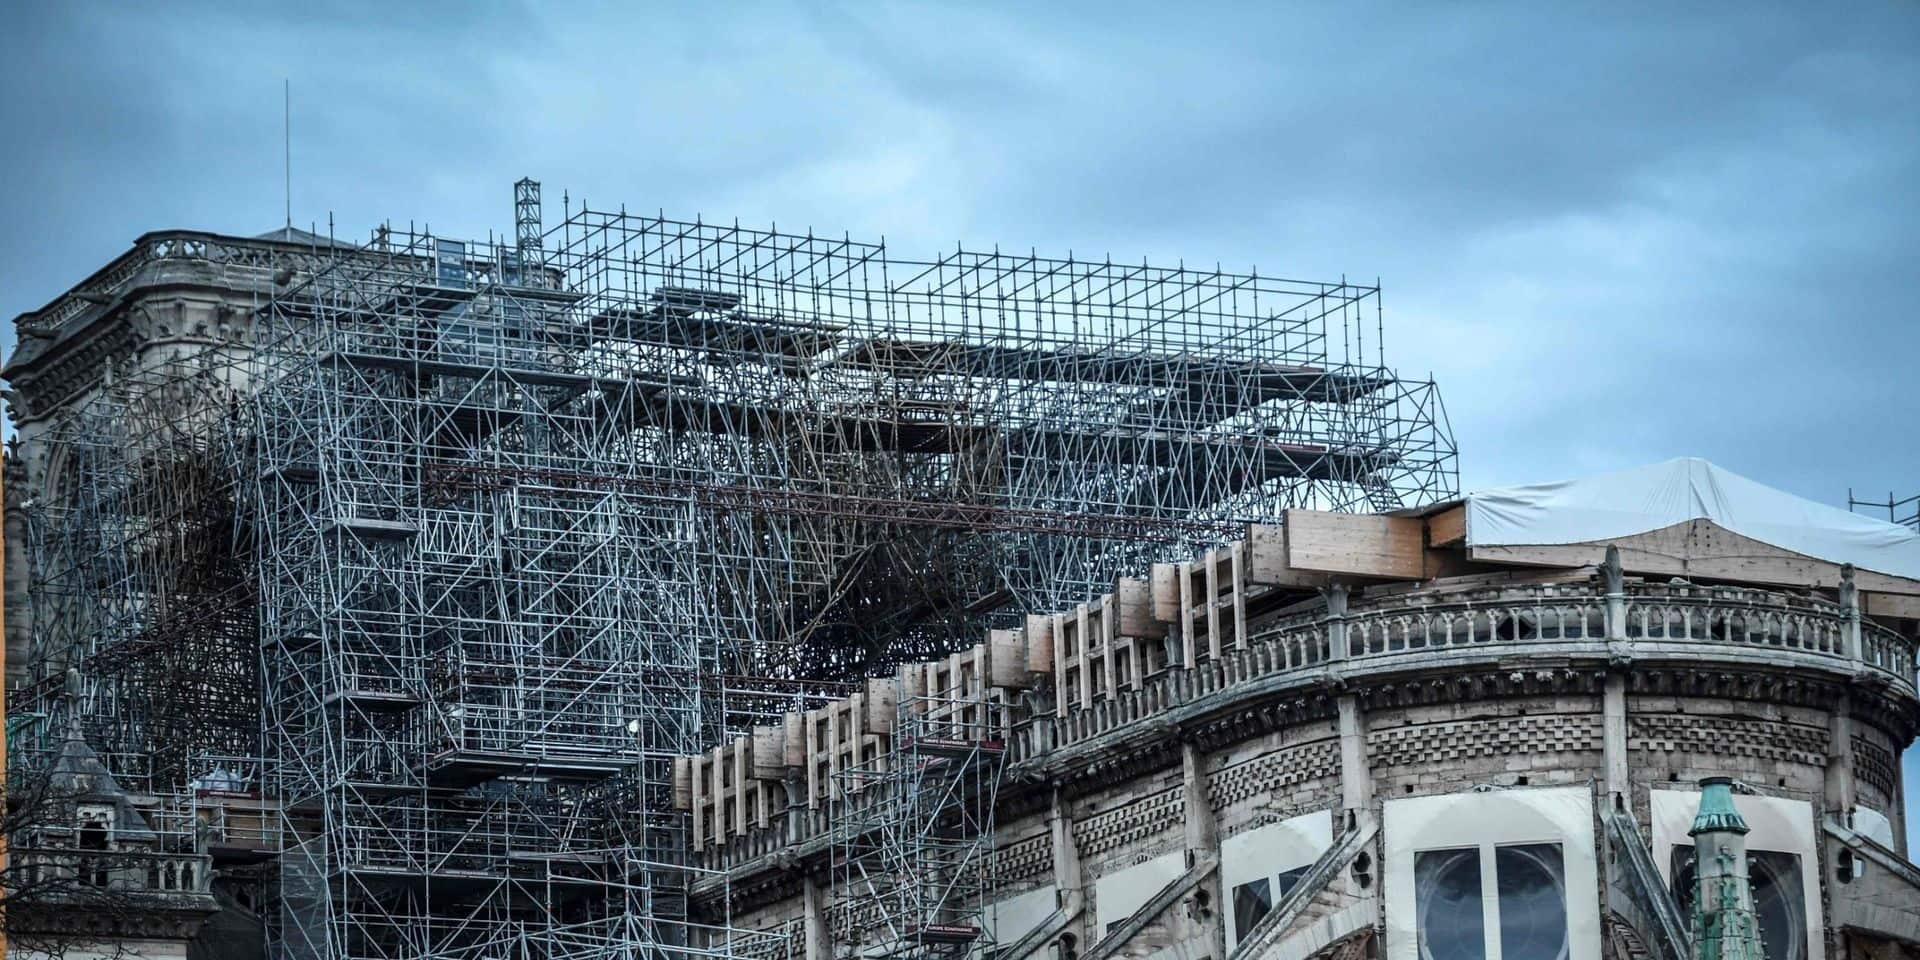 Incendie à Notre-Dame de Paris - Aucune décision n'a encore été prise pour la flèche et la charpente (responsable)